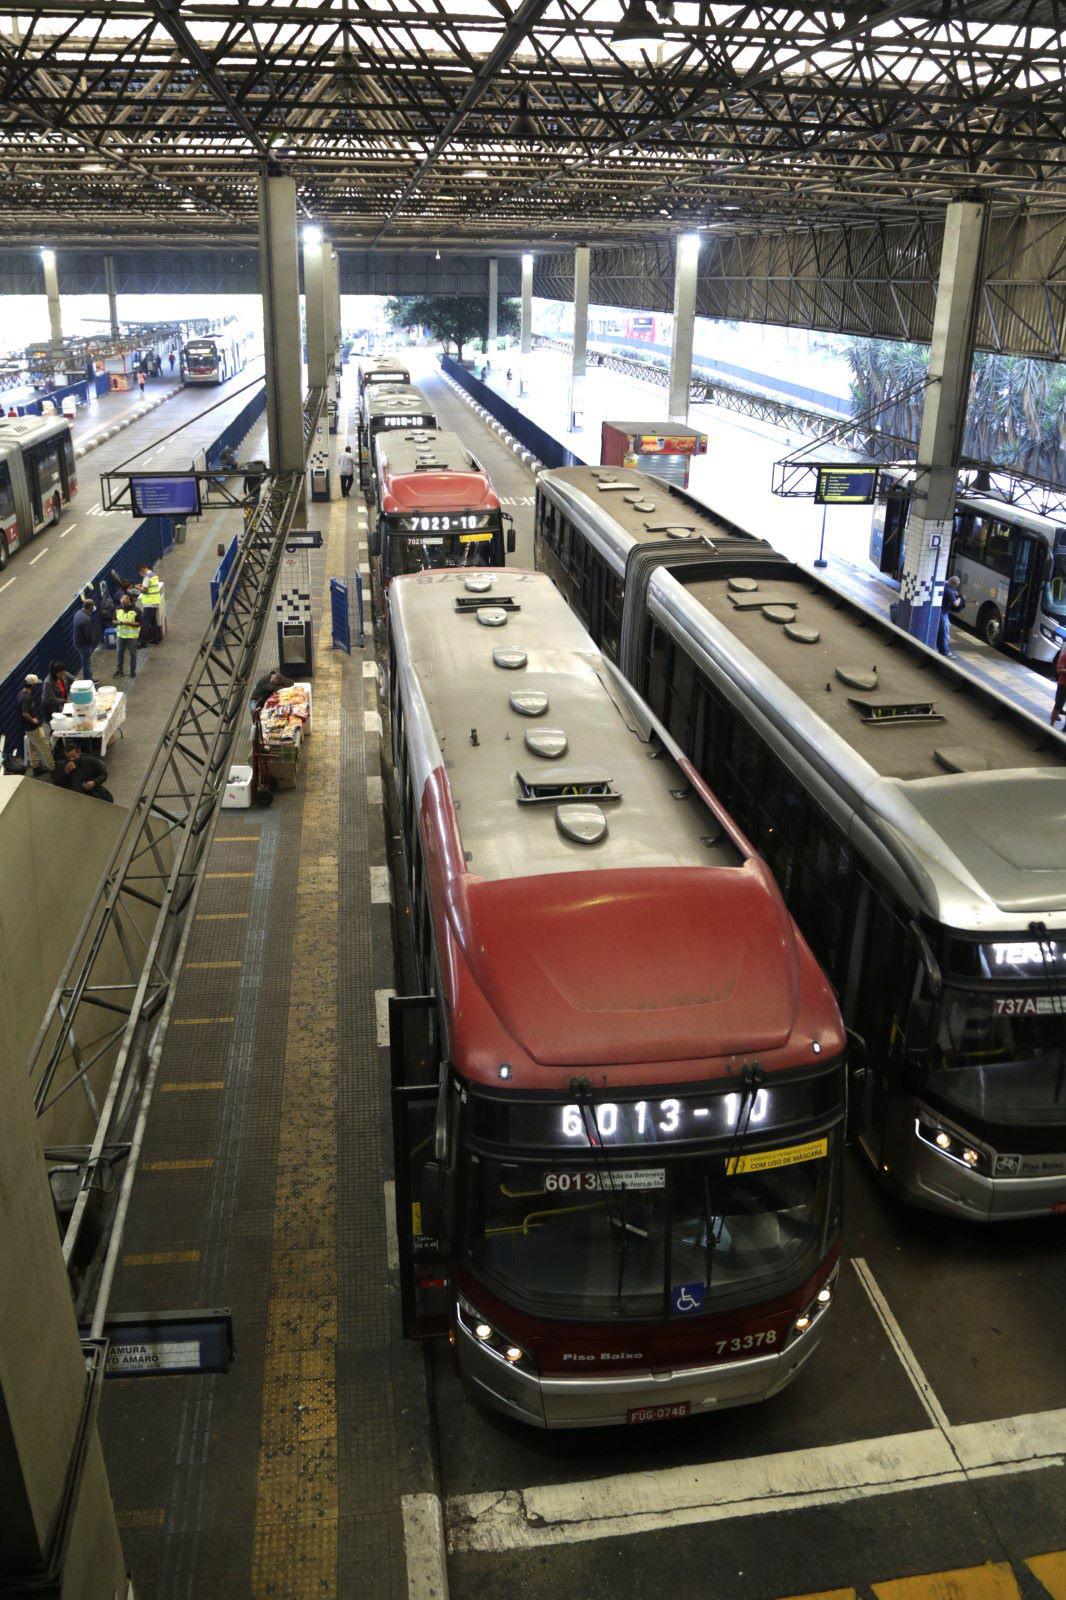 Terminais de Ônibus de São Paulo - Covid-19